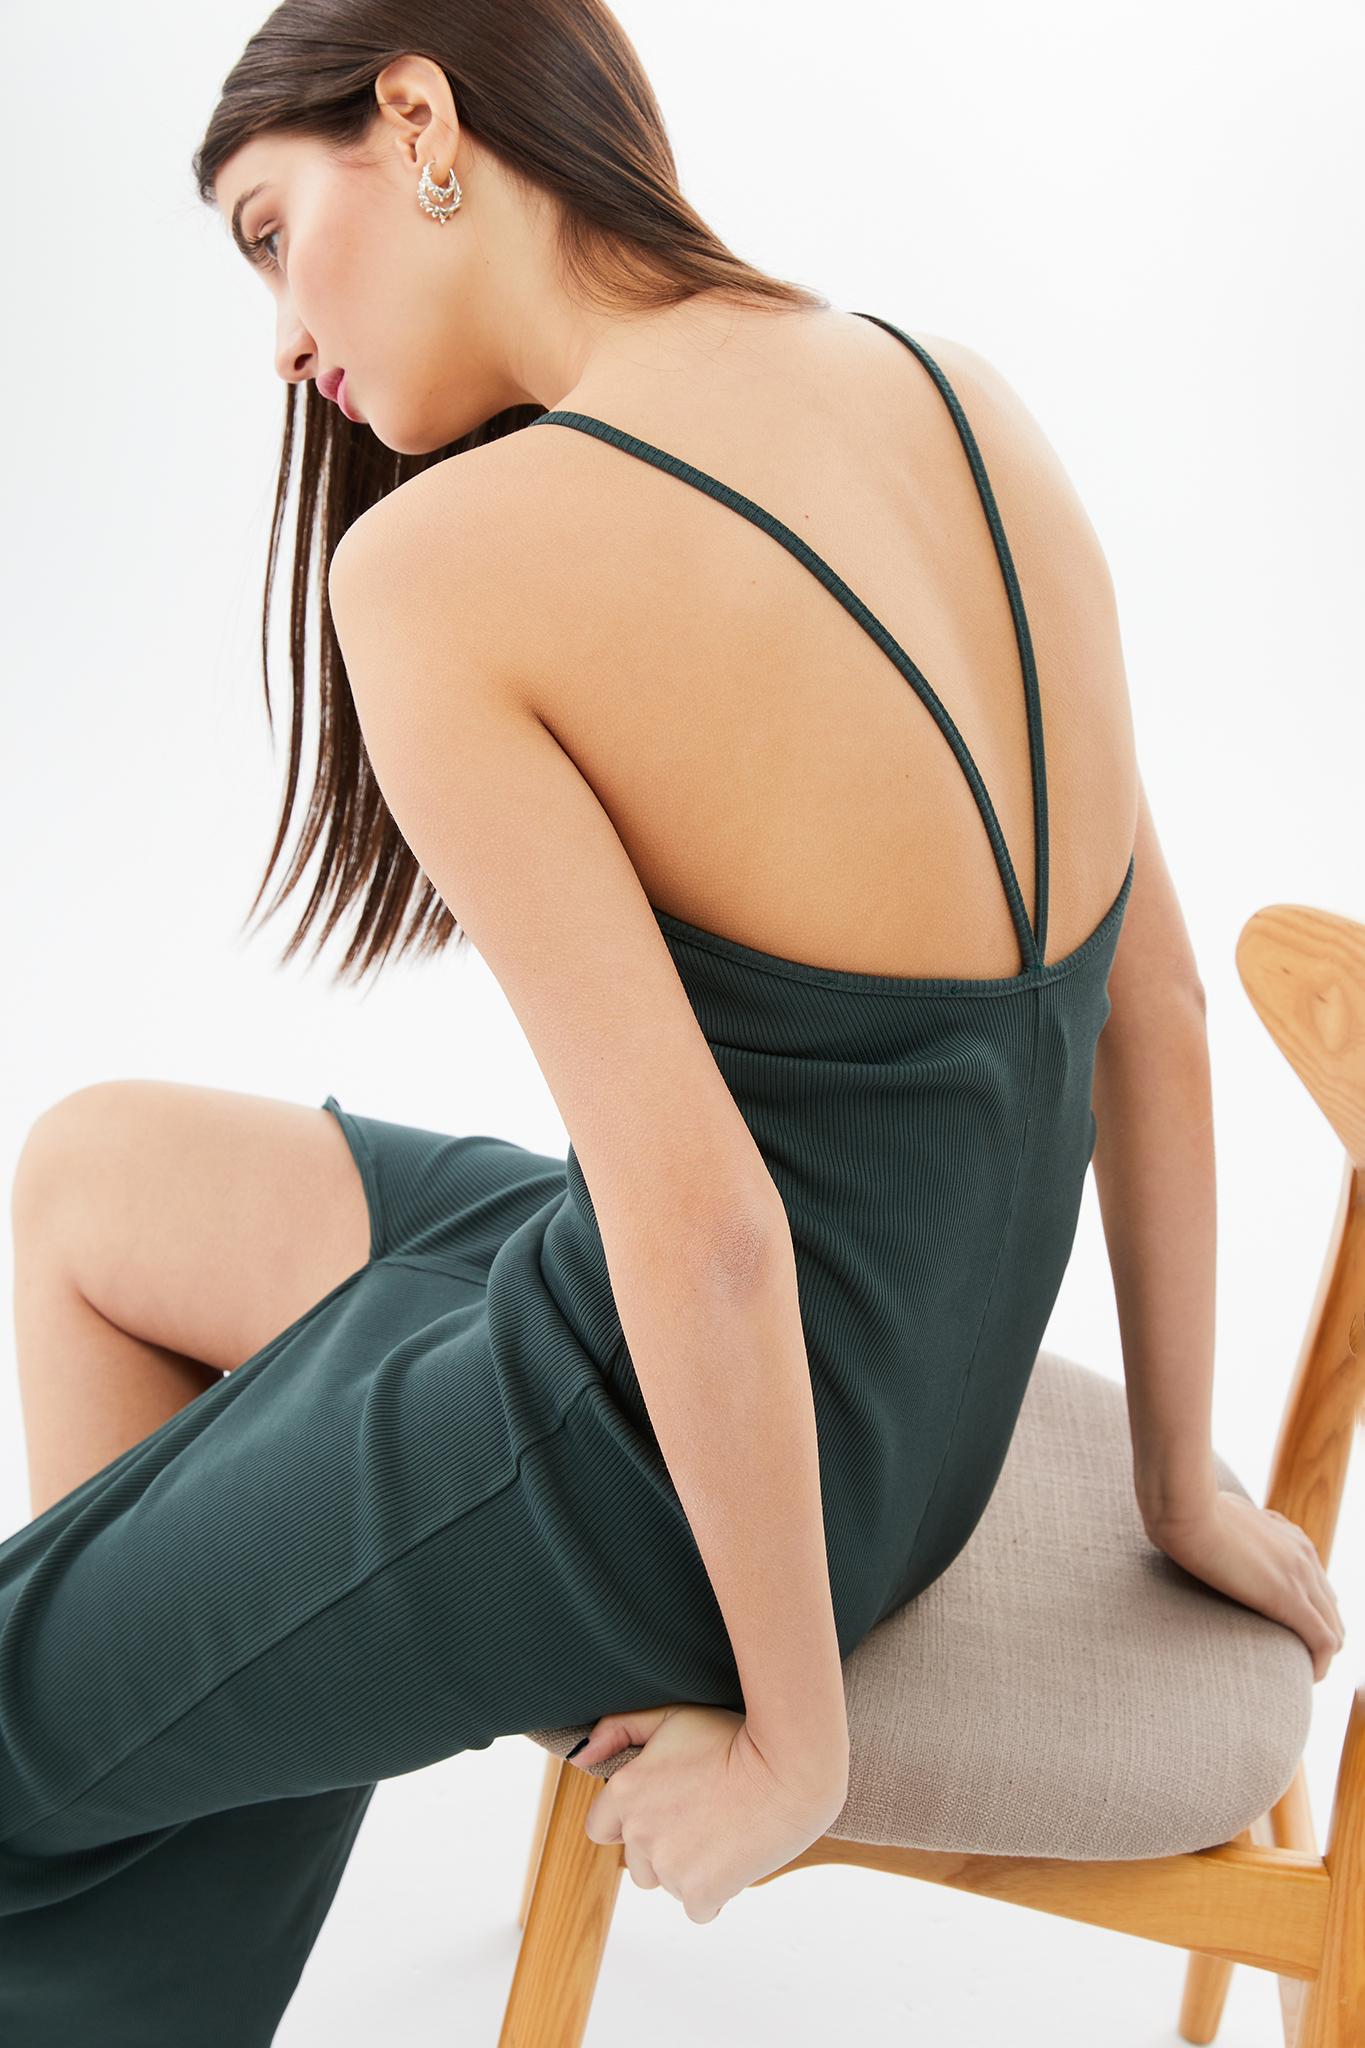 BLAMEYOURDAZE rib dress with spaghetti straps